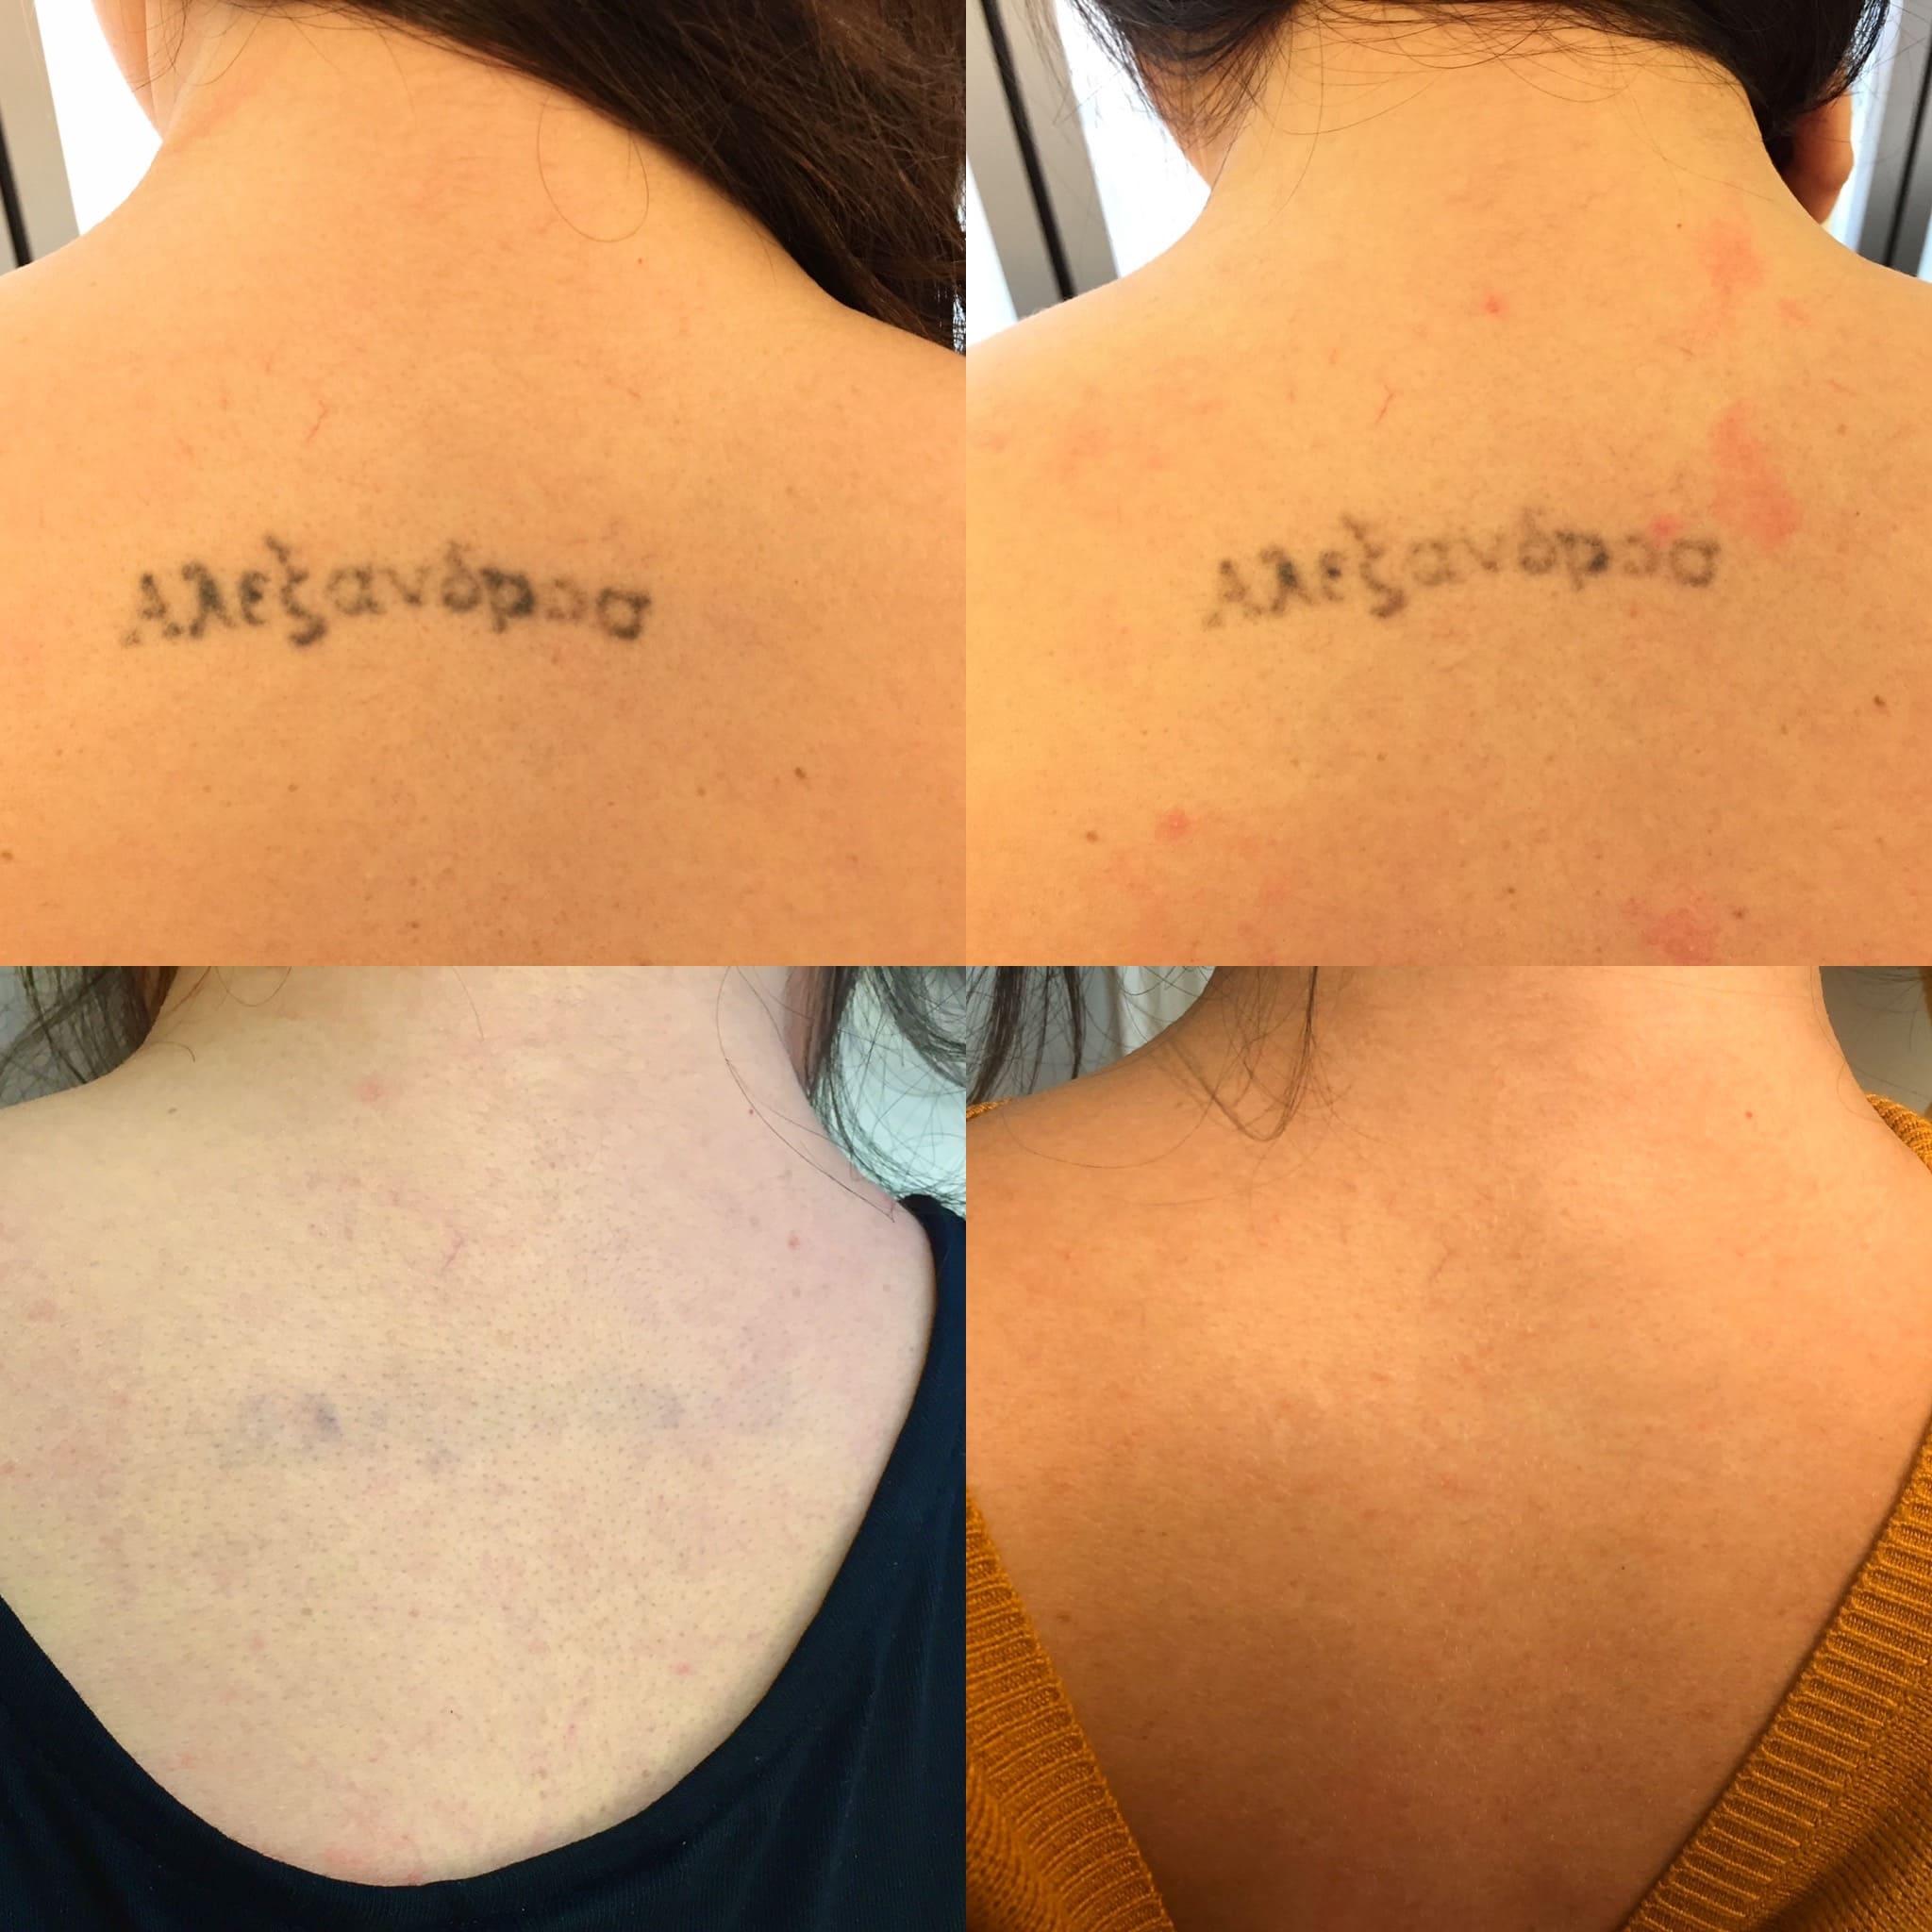 Domande frequenti sulla rimozione tatuaggi - Rimuovere ...